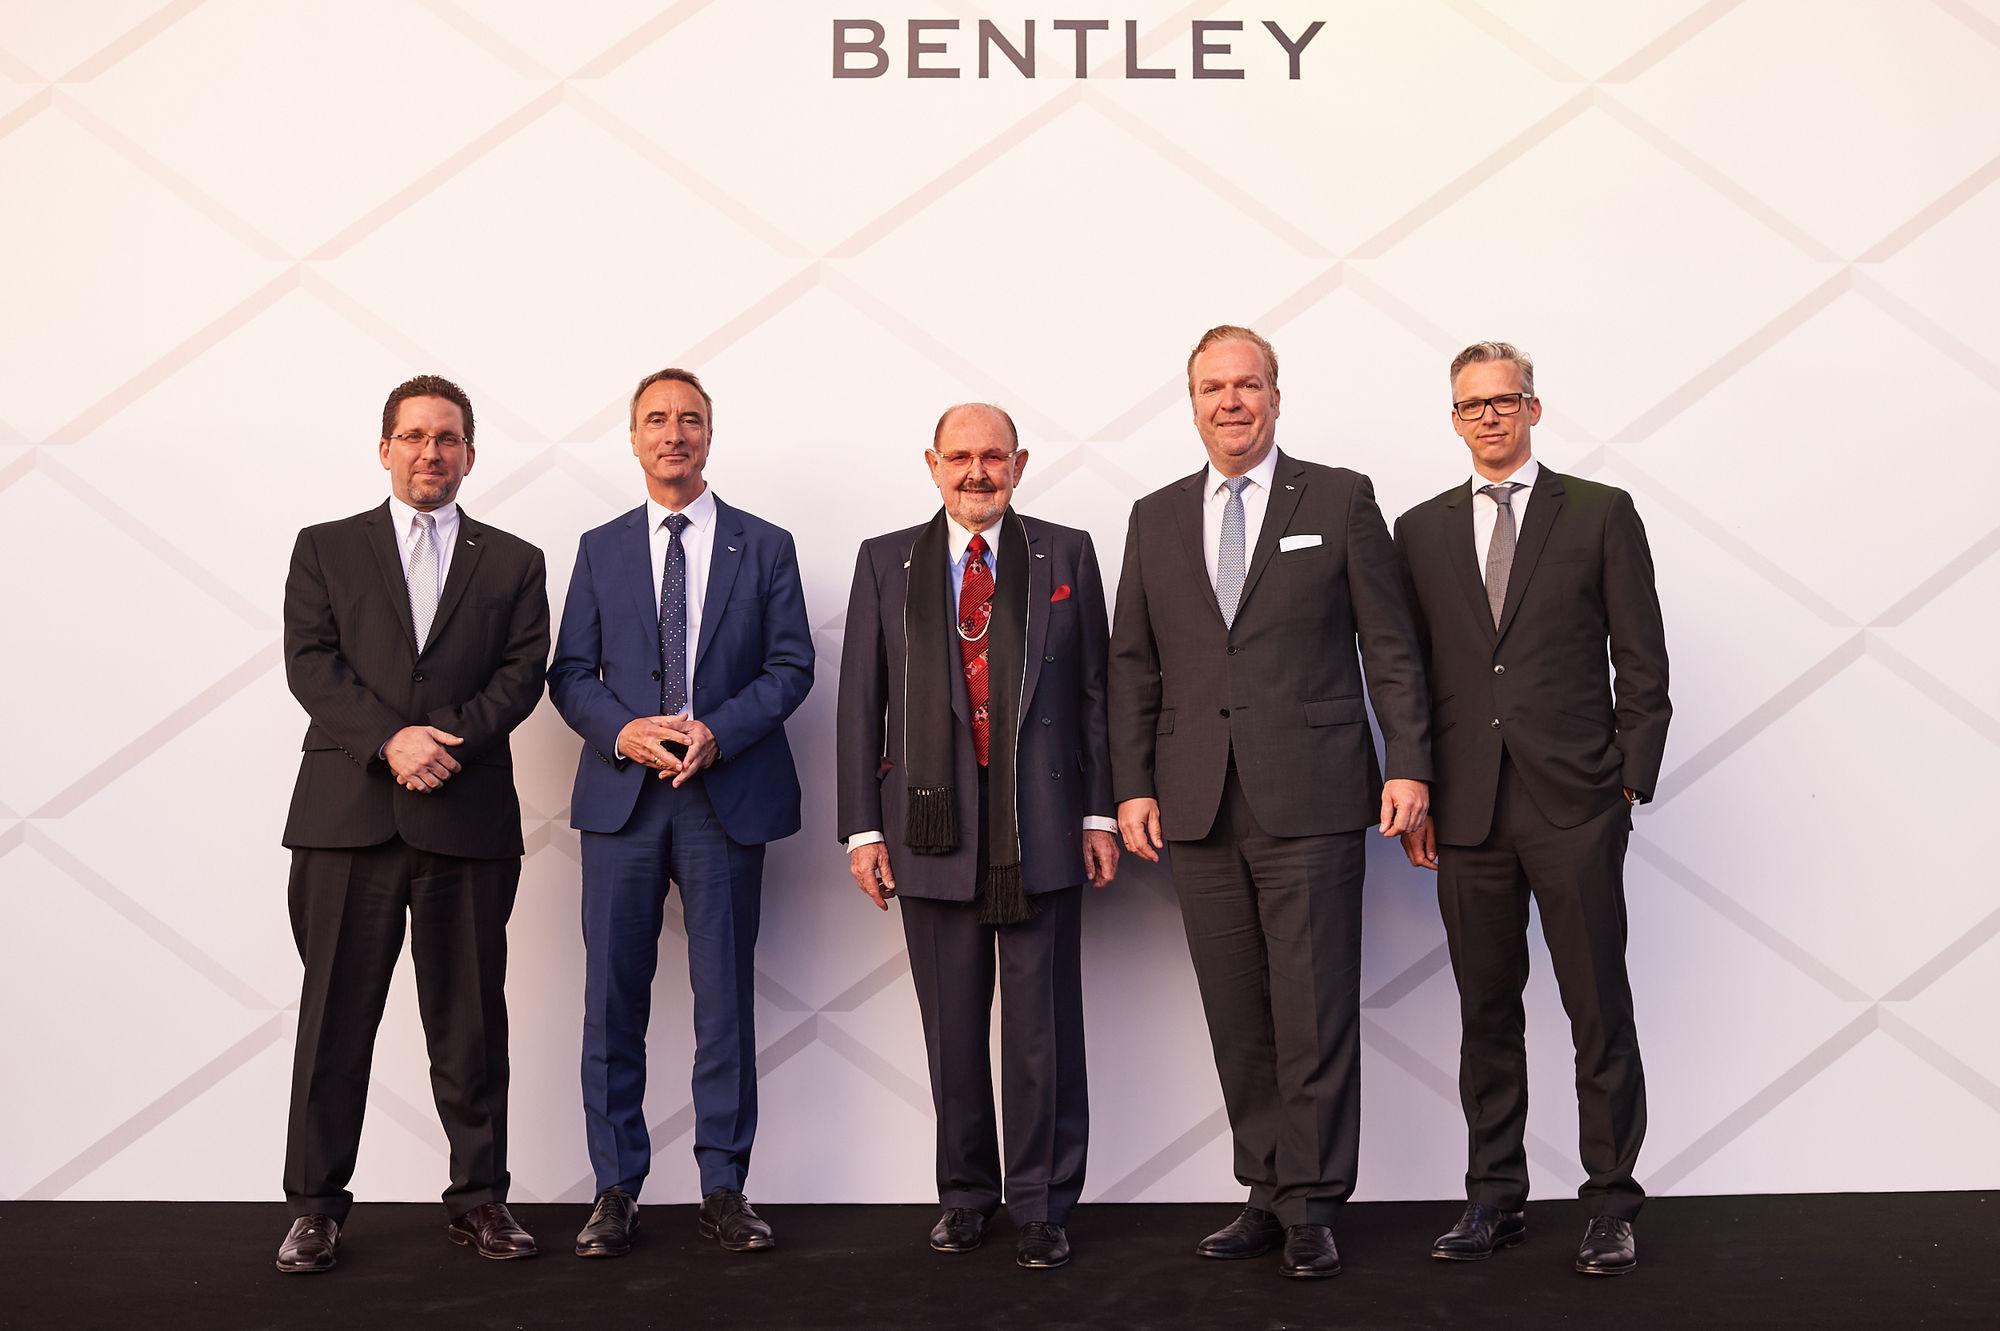 Bentley Motors святкує відкриття нового дилерського центру в Києві - офіційний представник Winner в Україні